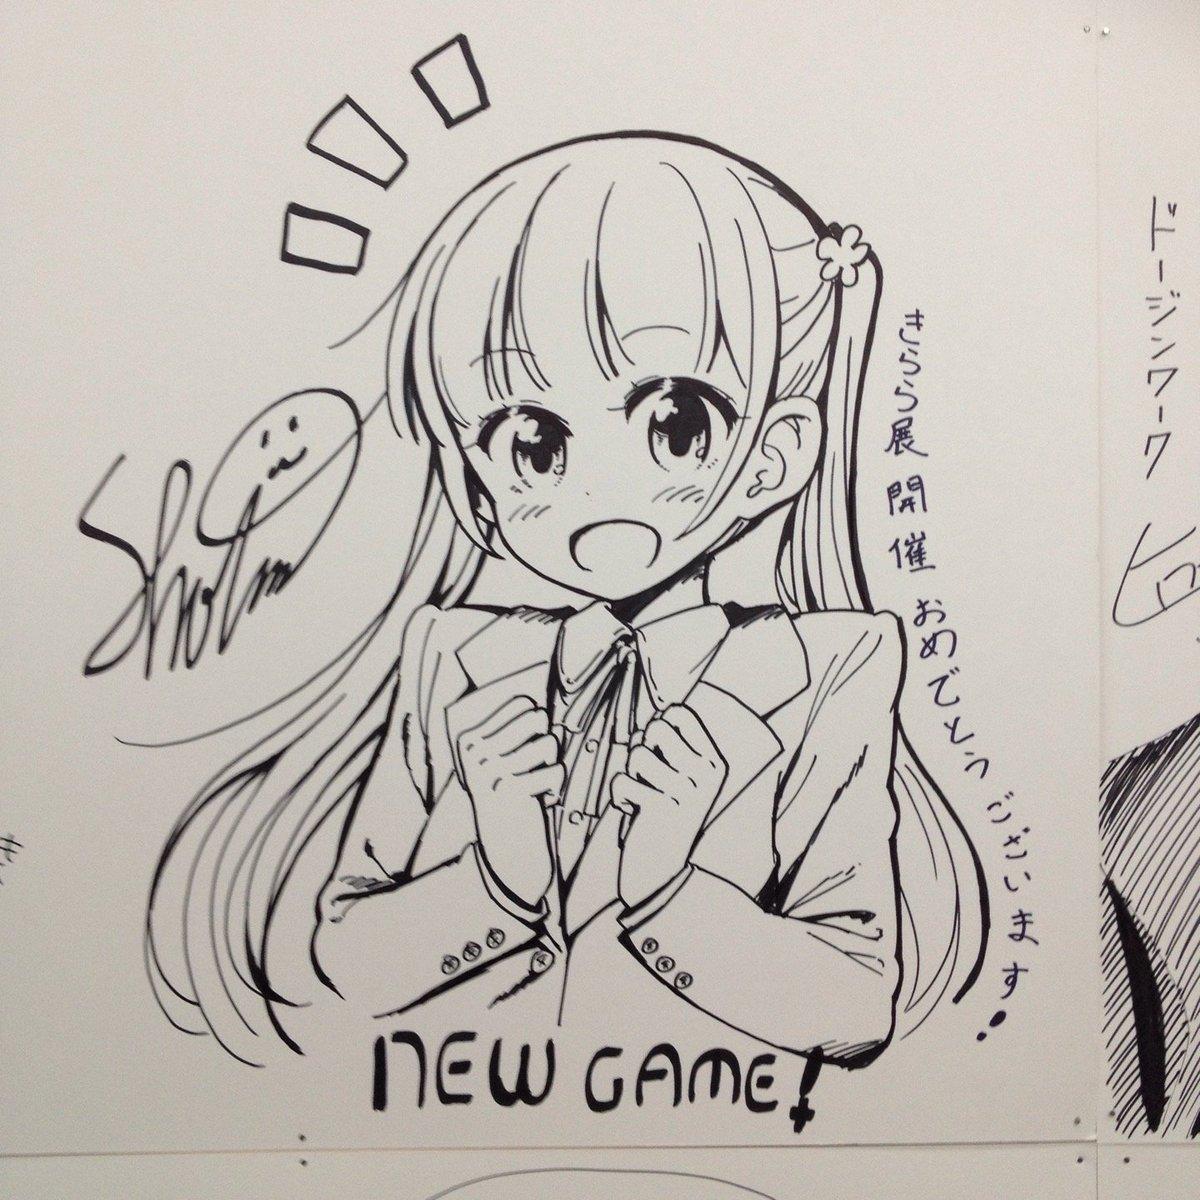 アーツ千代田3331 まんがタイムきらら展 得能正太郎先生 涼風青葉(NEW GAME!)